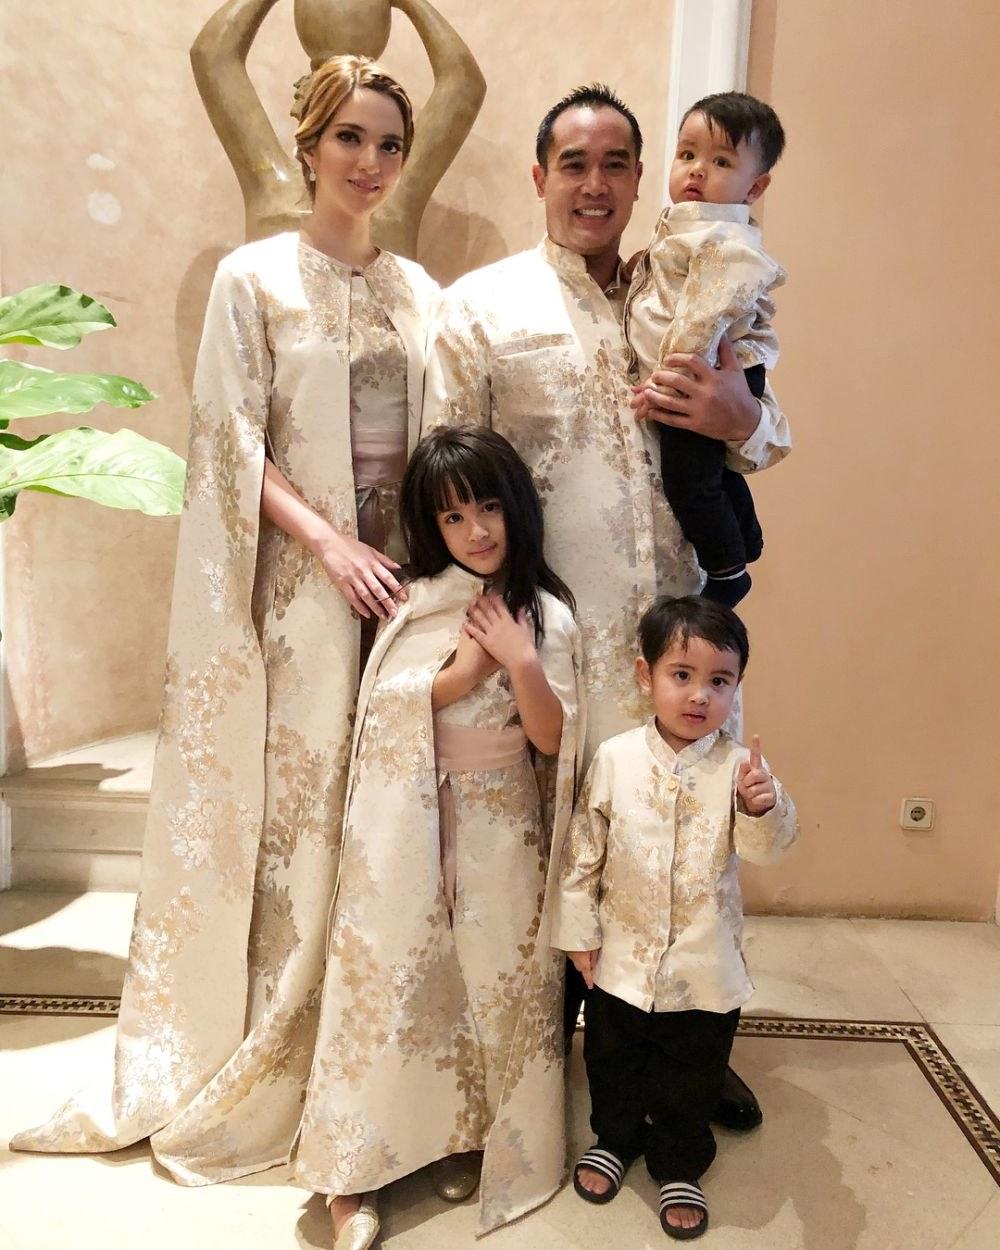 Design Baju Lebaran Seragam Thdr Potret 16 Seleb Pakai Baju Kembaran Saat Lebaran Kompak Abis